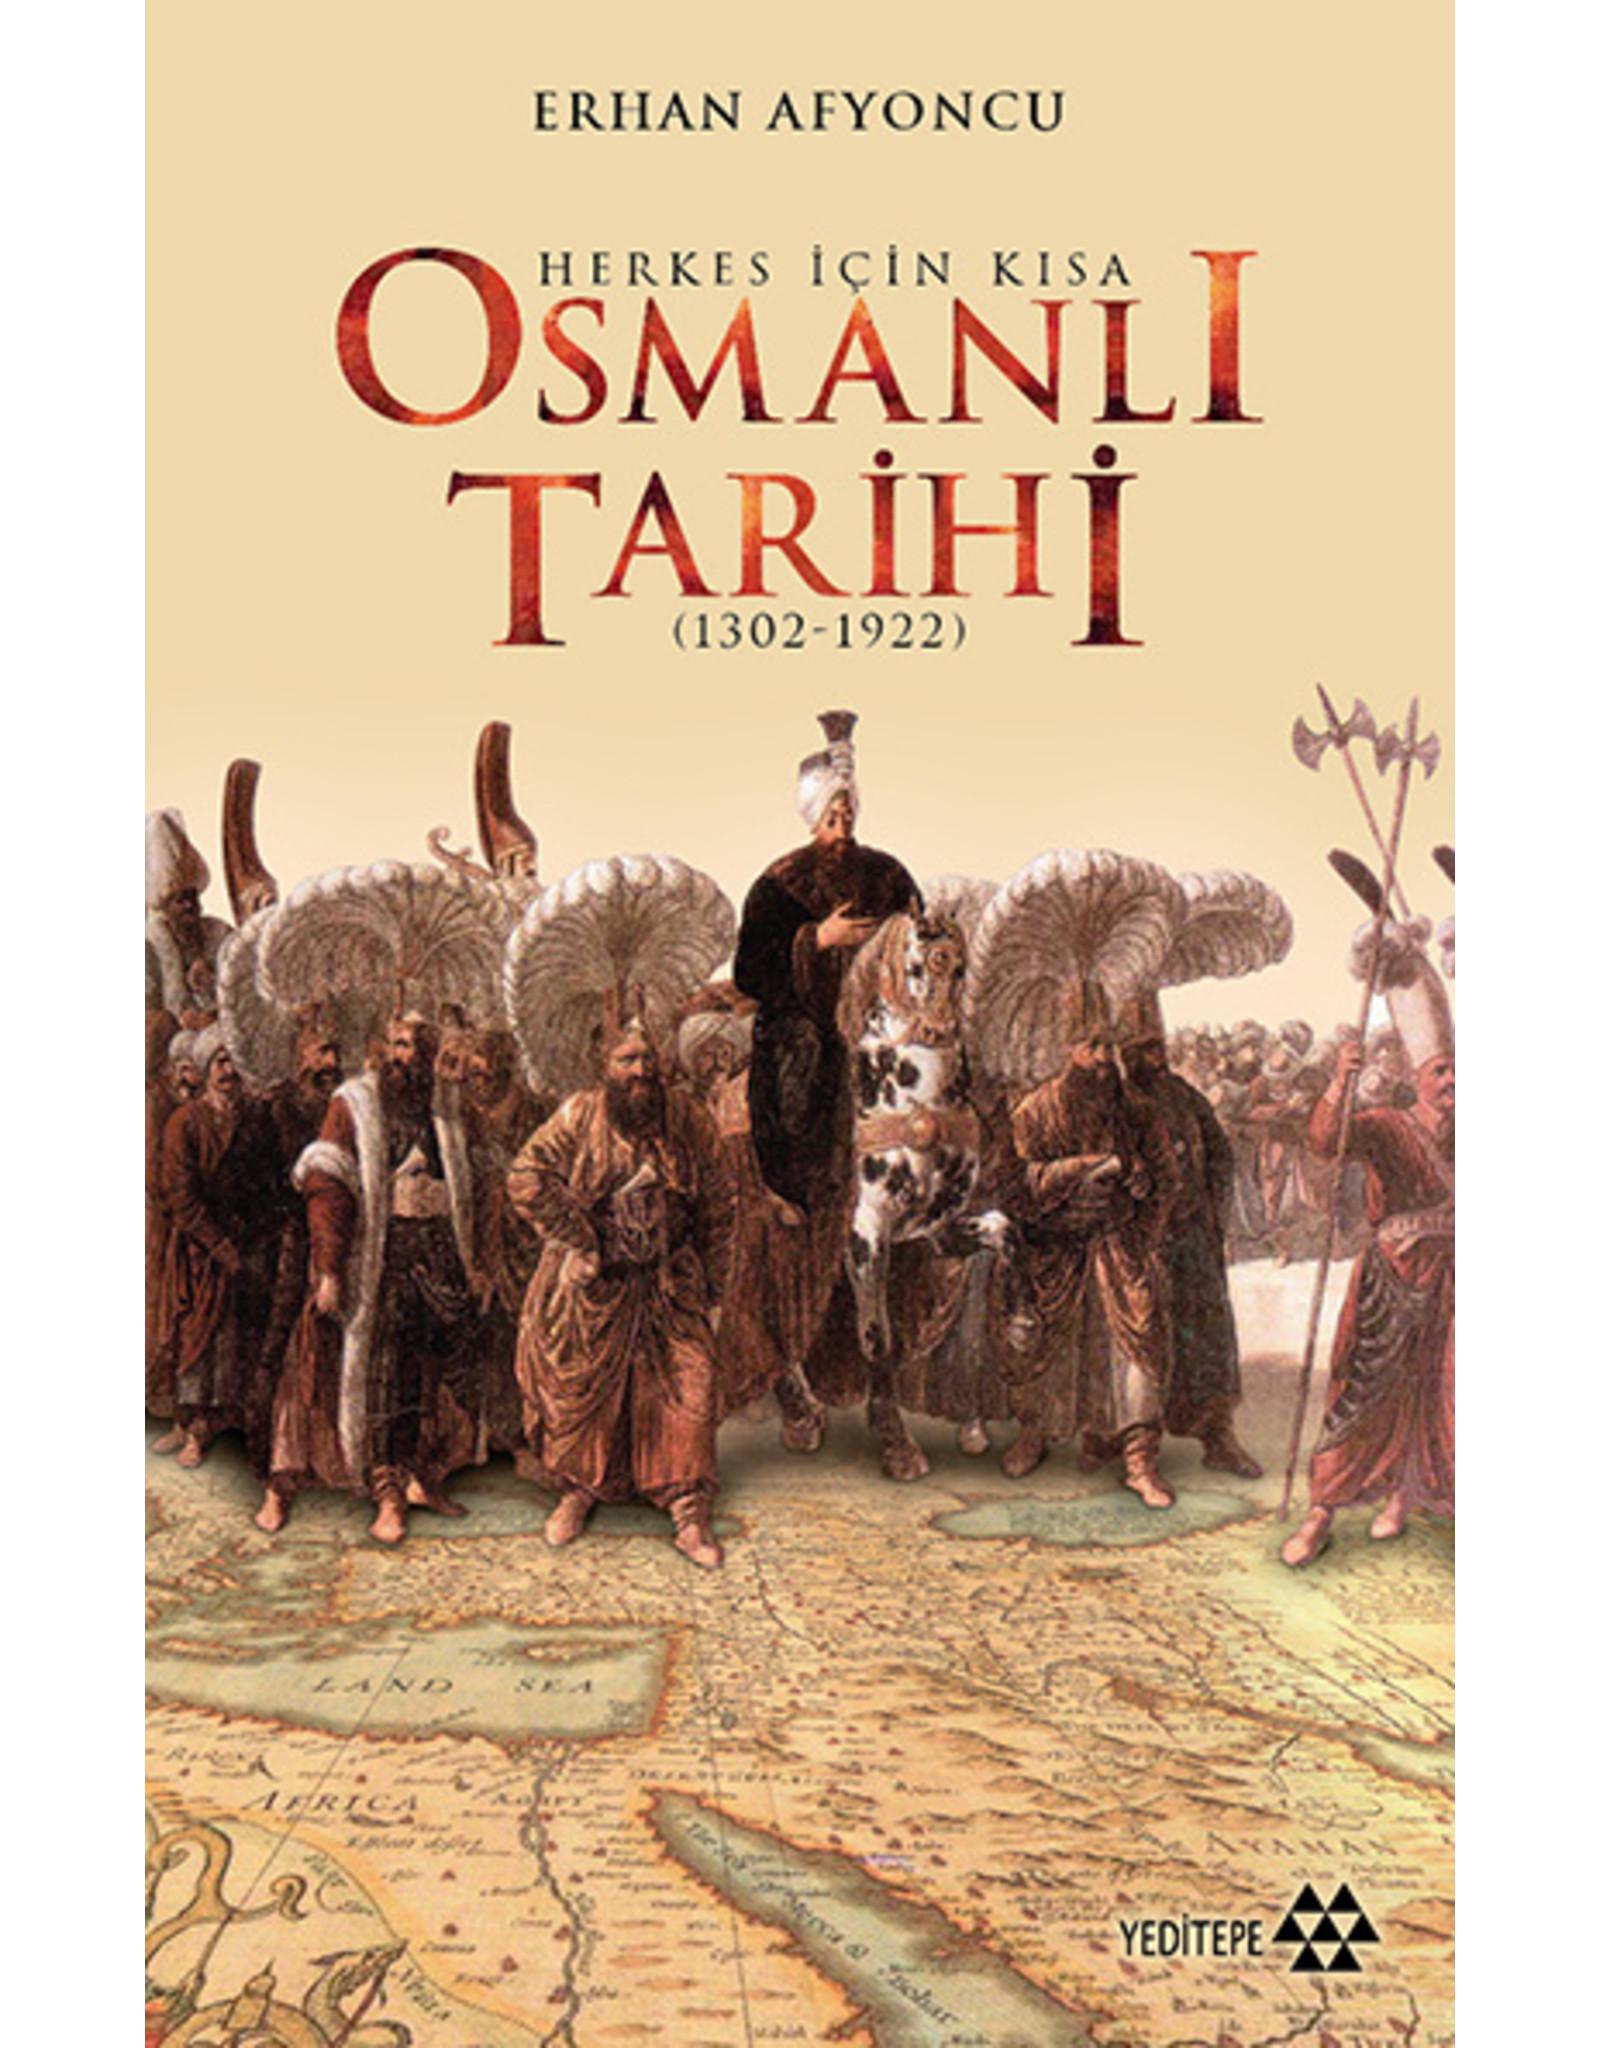 Erhan Afyoncu Herkes İçin Kısa Osmanlı Tarihi (1302-1922)